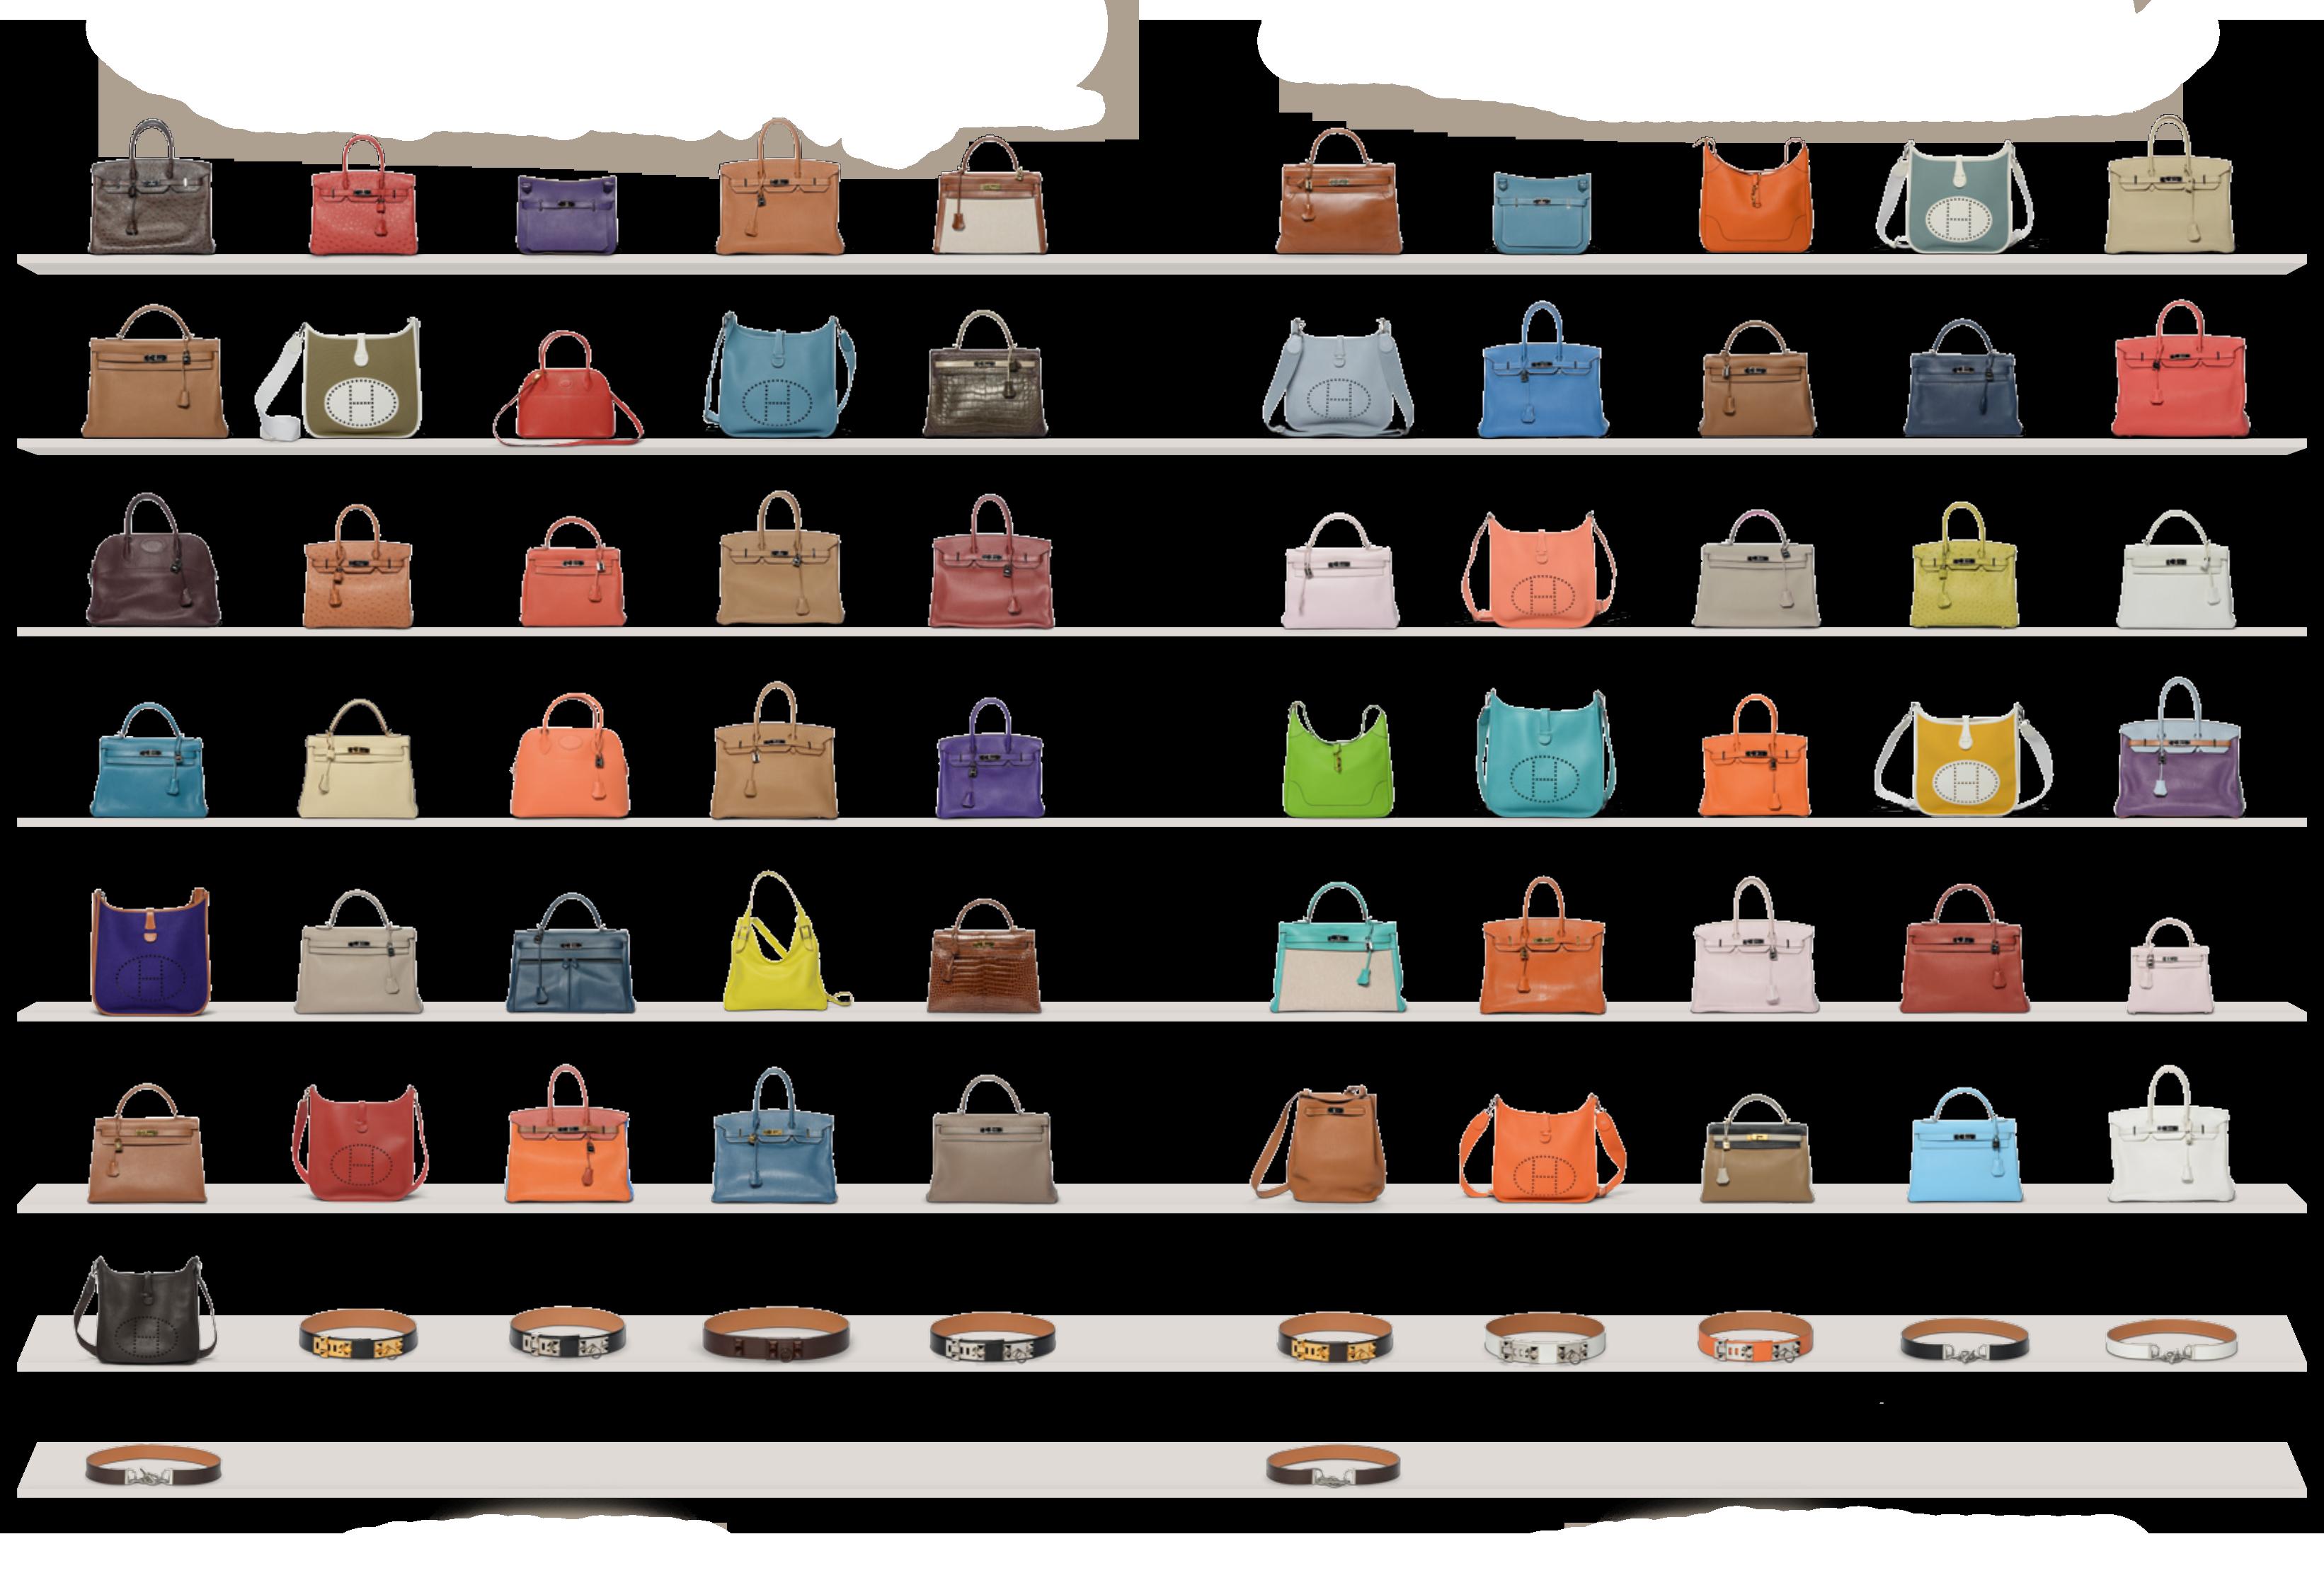 Versteigerung einer Hermés Taschensammlung